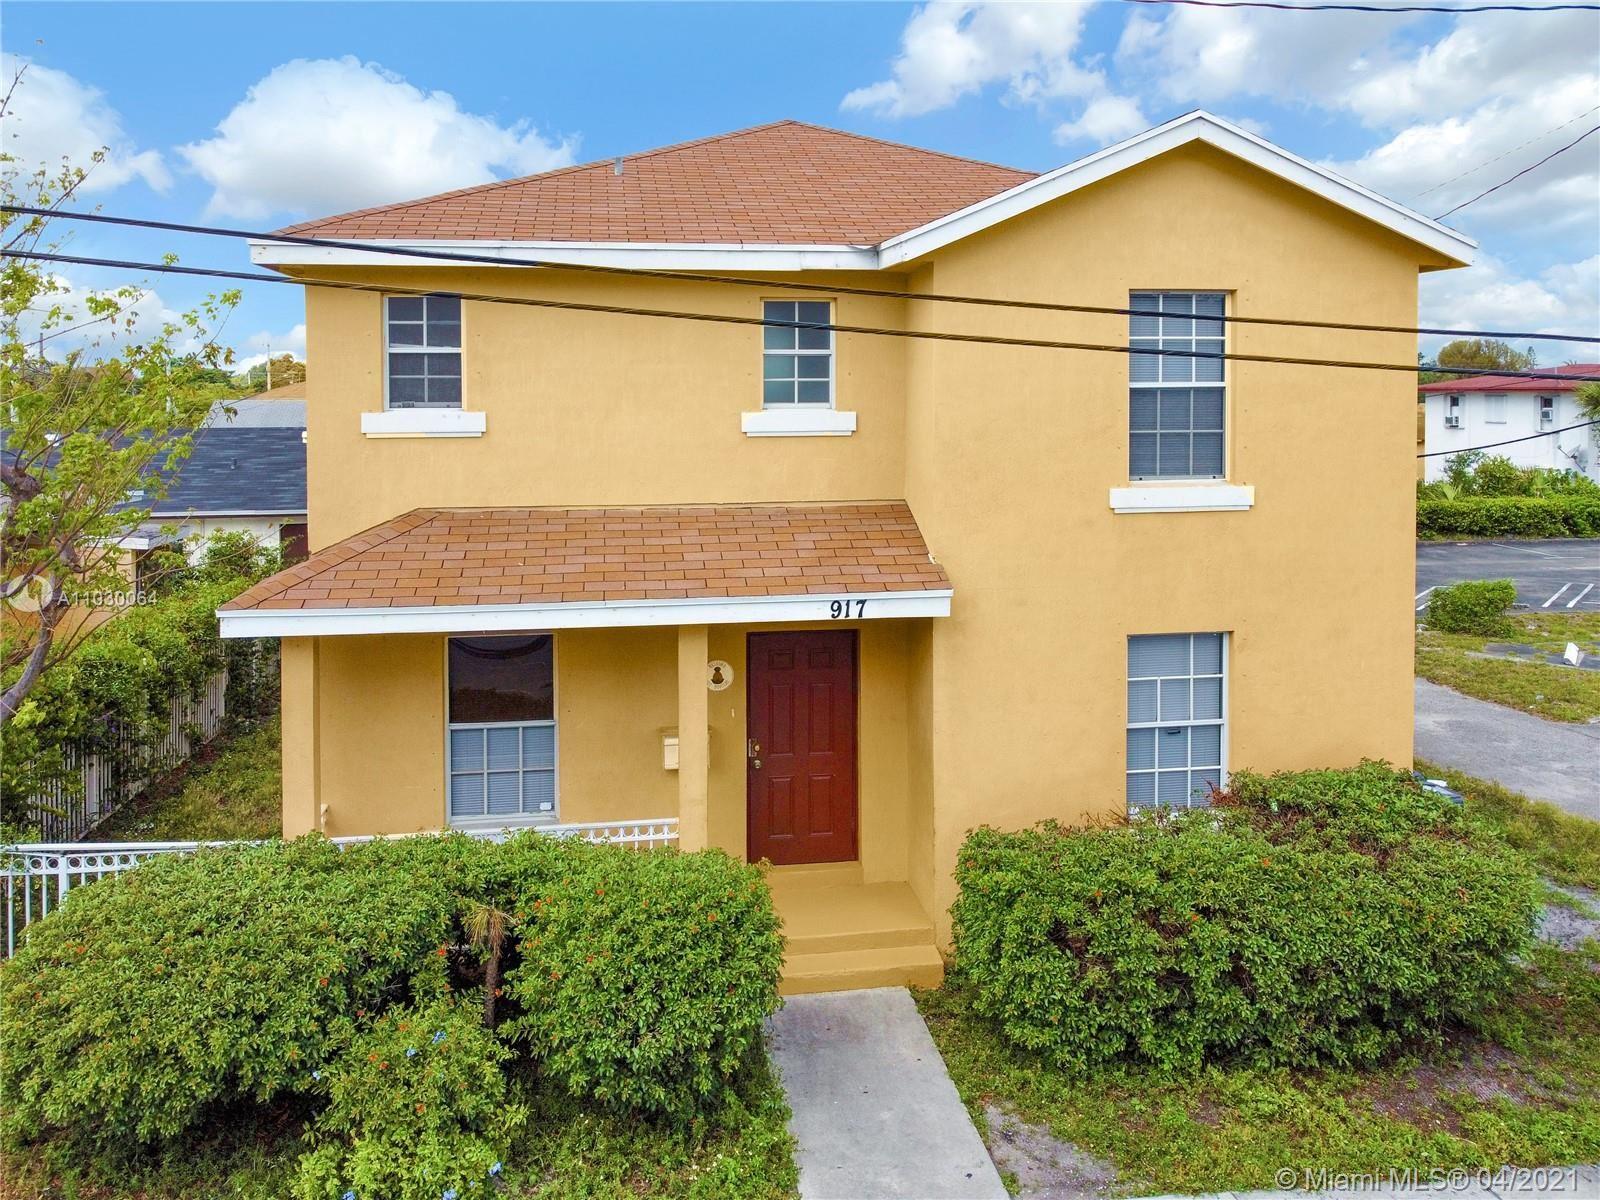 917 Douglass Ave, West Palm Beach, FL 33401 - #: A11030064